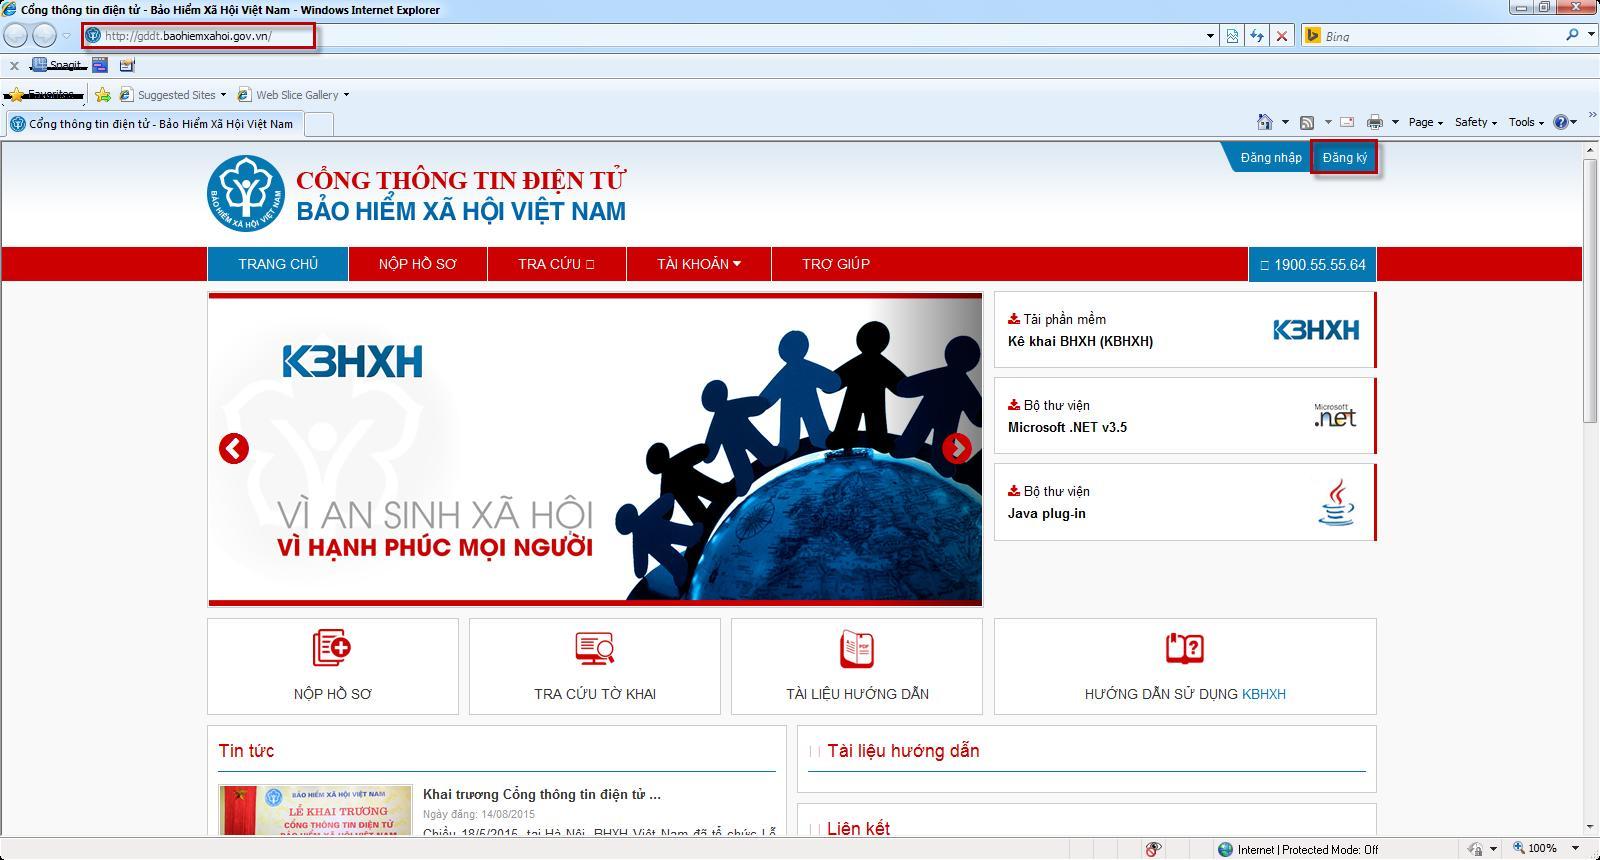 CHUKYSO24H - Bài viết này chúng tôi sẽ hướng dẫn các bạn đăng ký tài khoản  trên hệ thống tiếp nhận tờ khai Bảo Hiểm Xác Hội điện tử của BHXH Việt Nam.